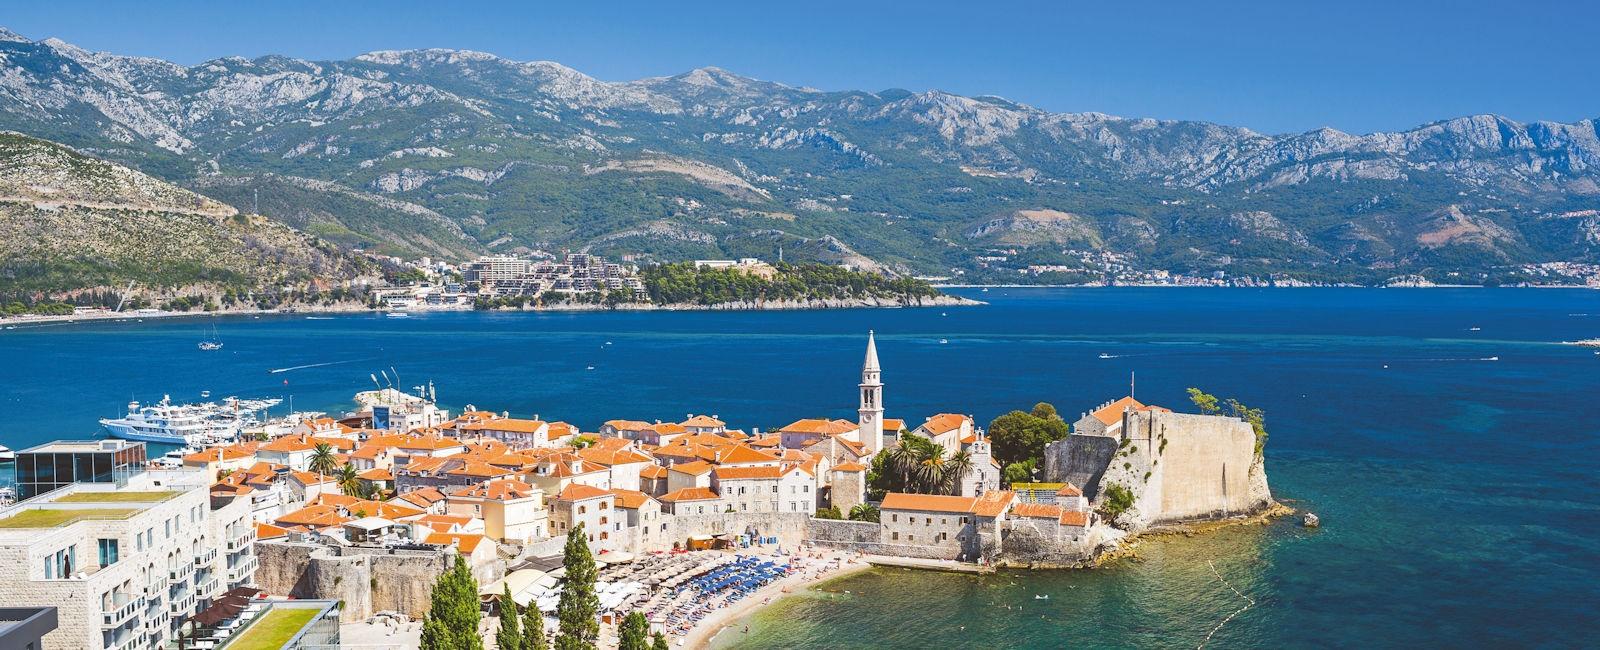 Montenegro main image